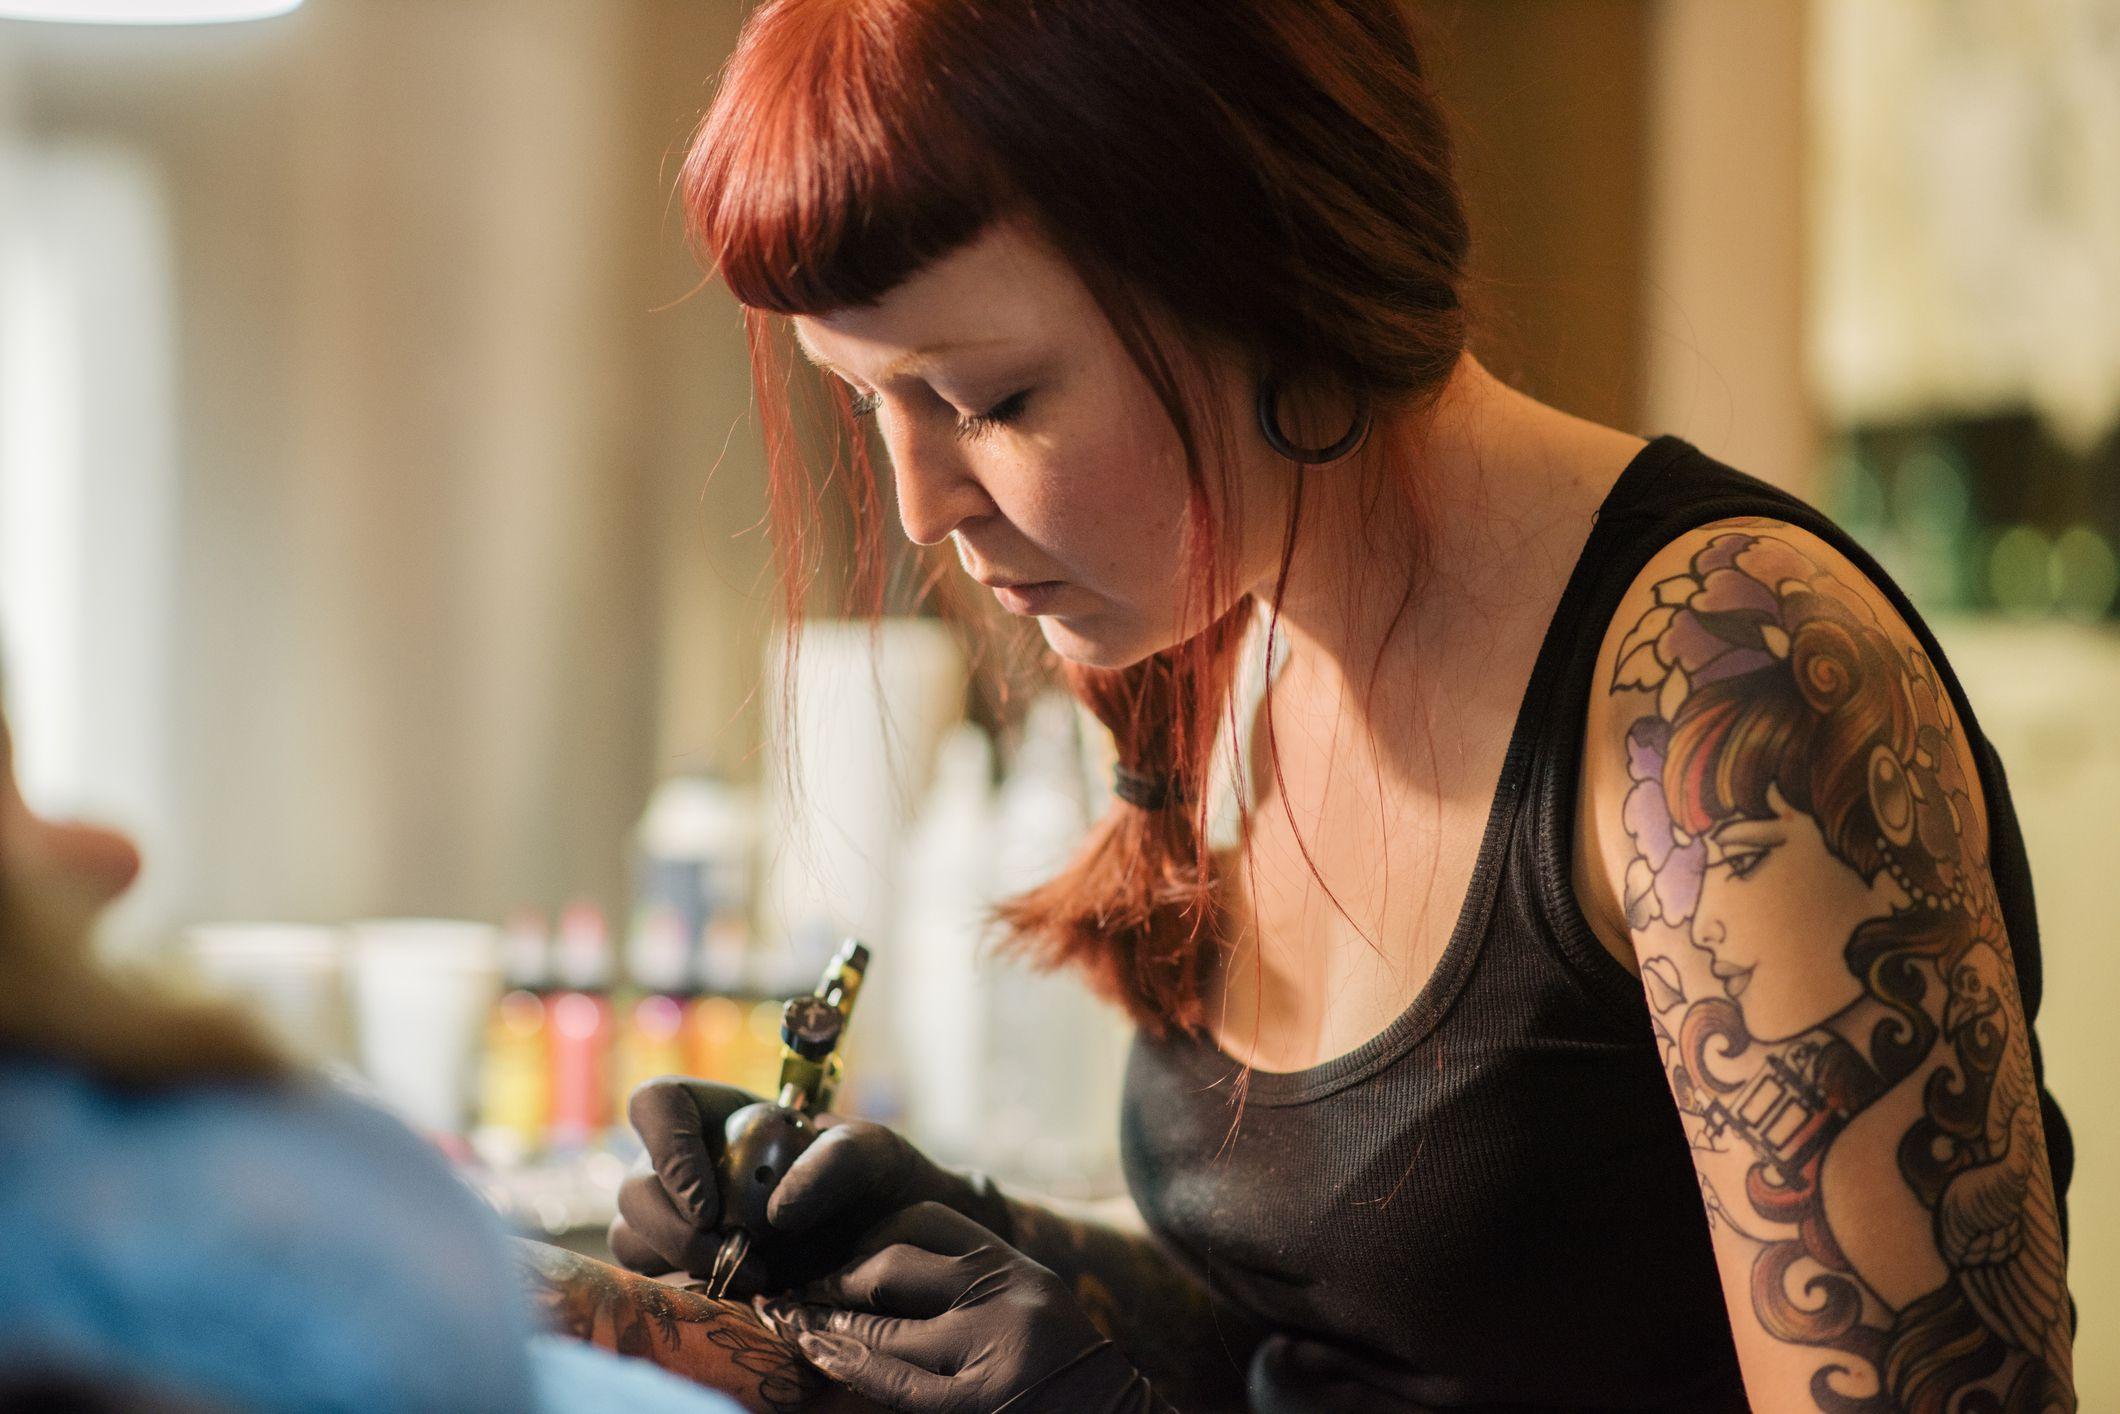 Tattoos And Autoimmune Disease